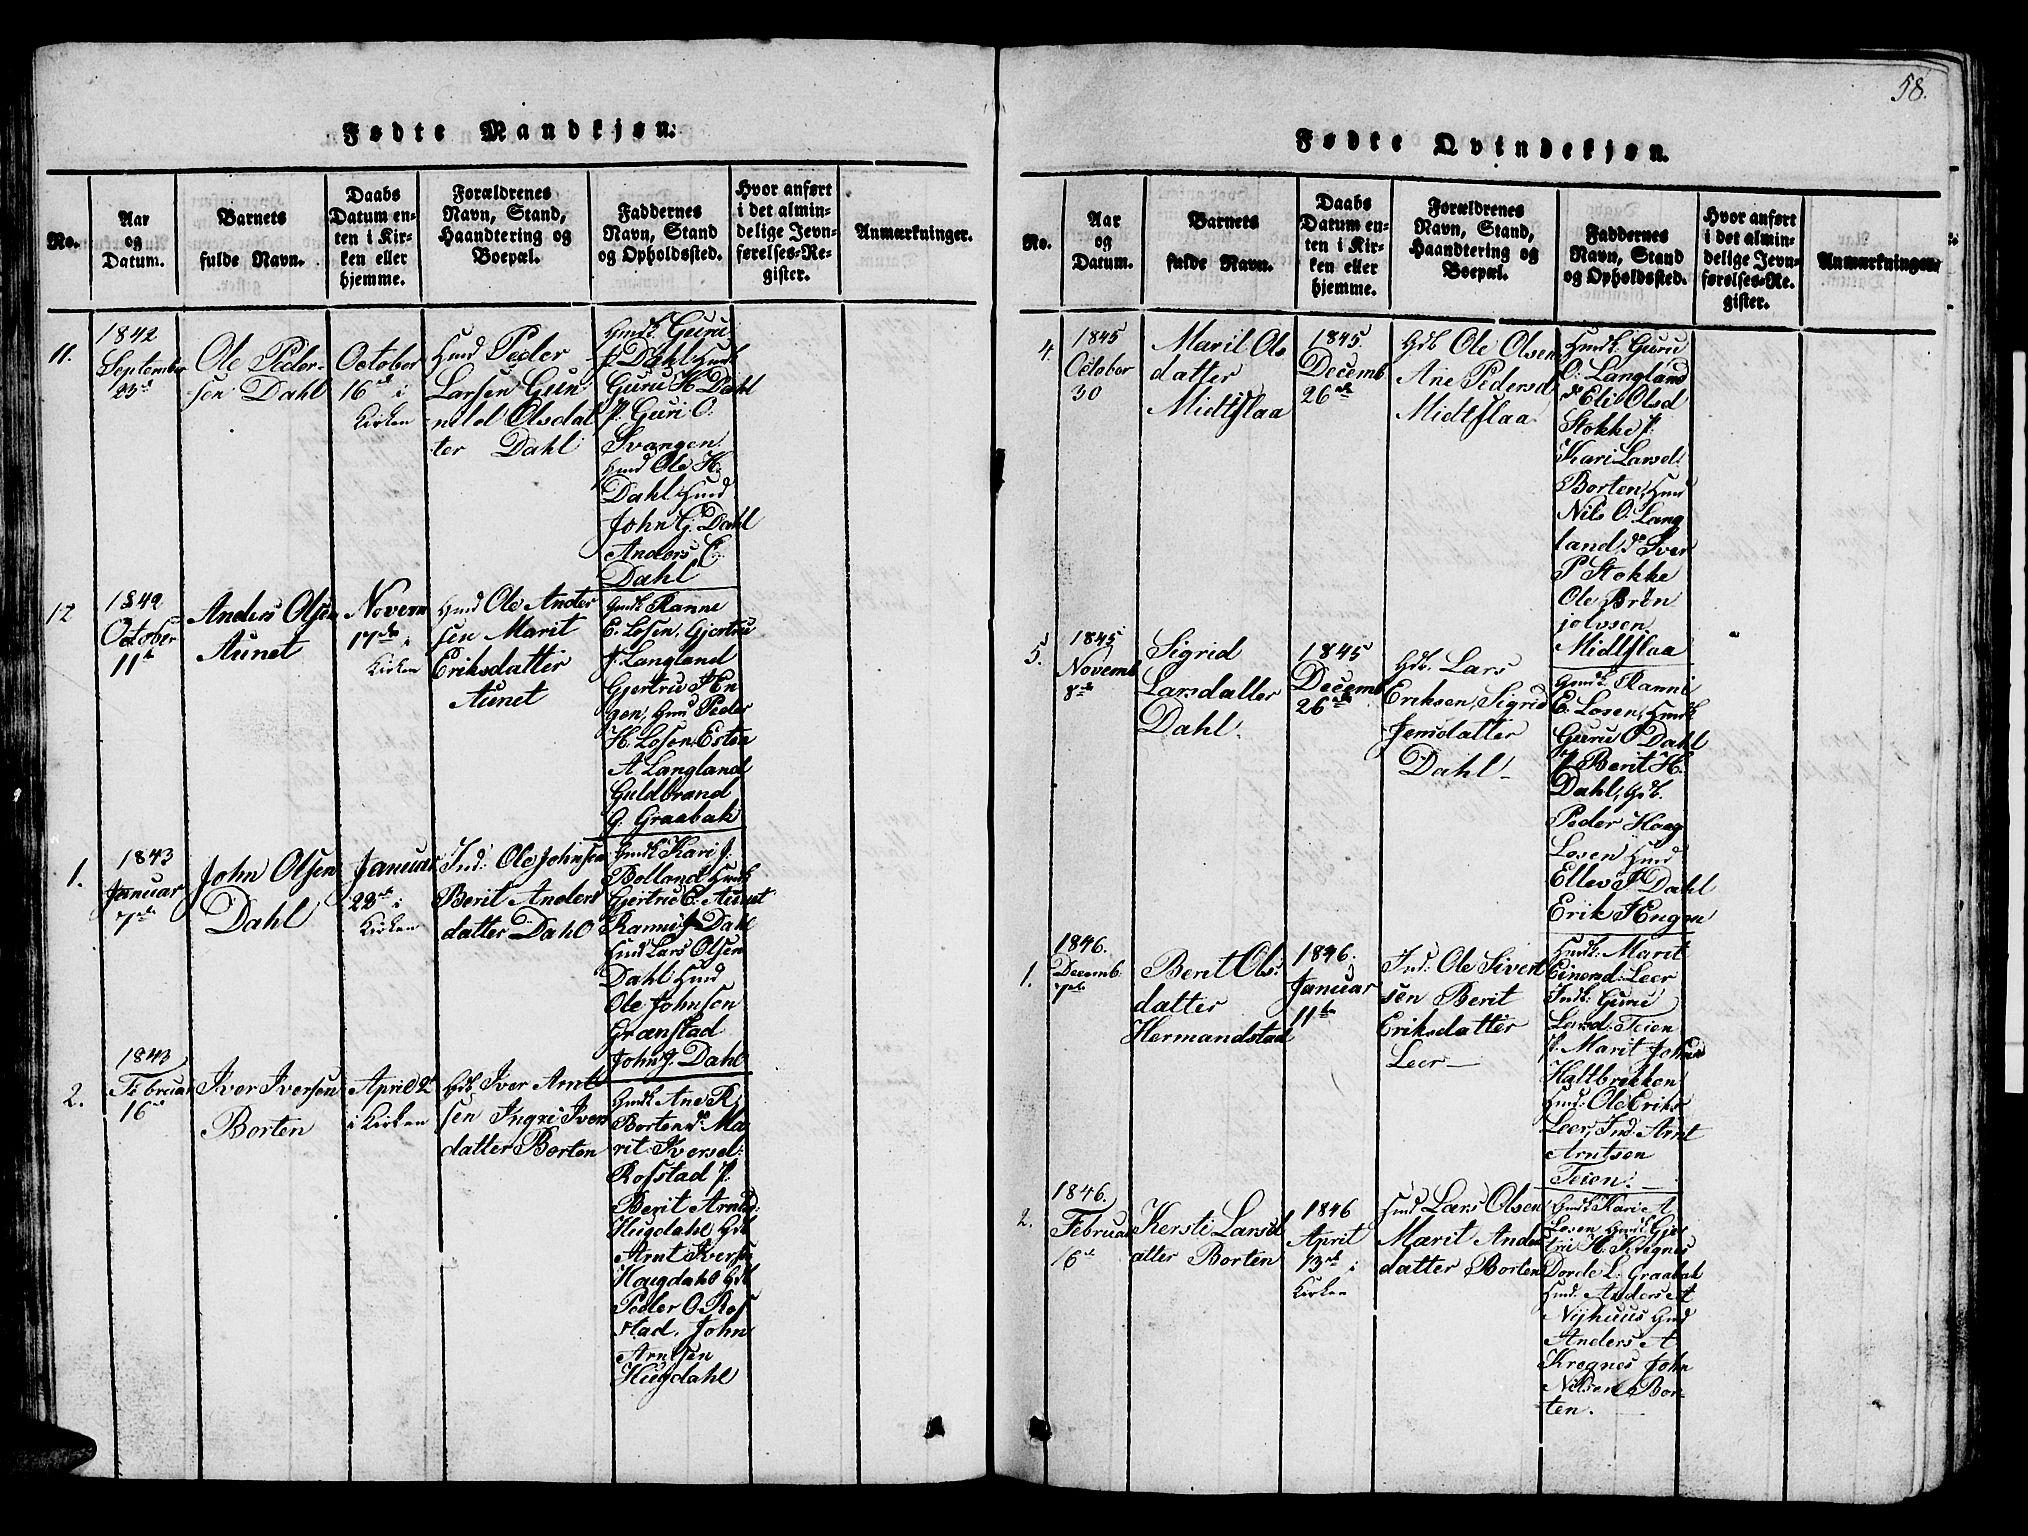 SAT, Ministerialprotokoller, klokkerbøker og fødselsregistre - Sør-Trøndelag, 693/L1121: Klokkerbok nr. 693C02, 1816-1869, s. 58